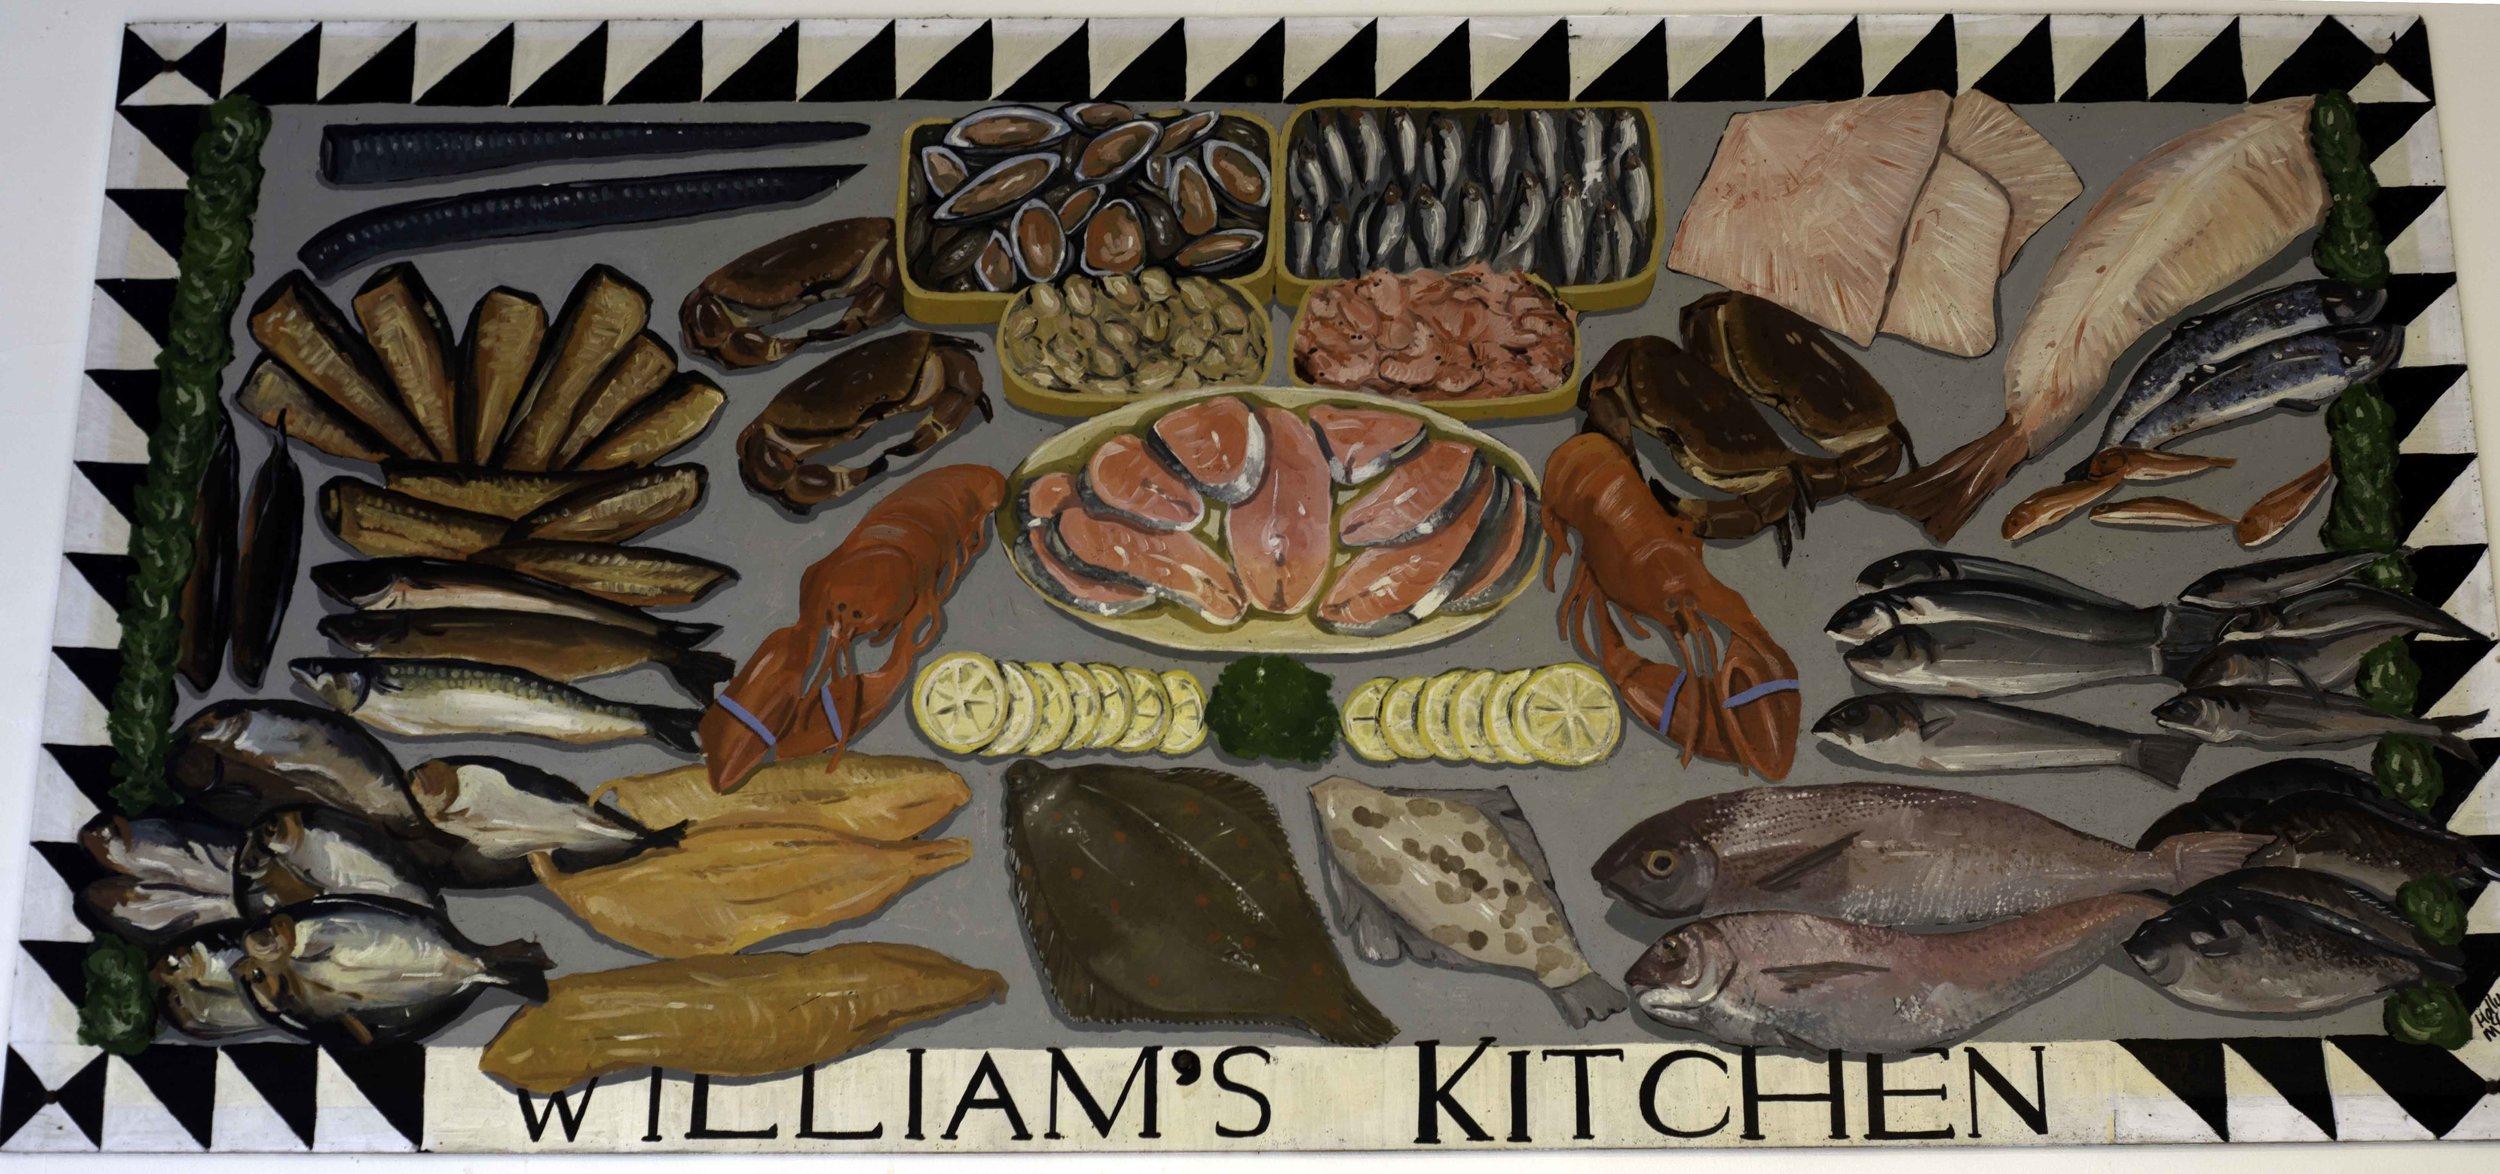 Willam's Kitchen Sign.jpg